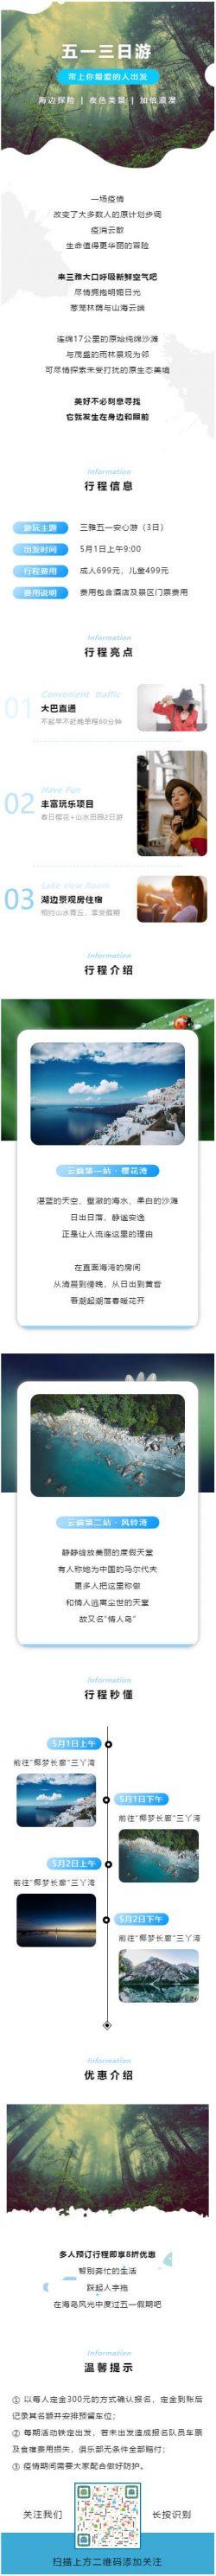 五一劳动节微信模板旅游旅行社微信公众号推文模板推送素材